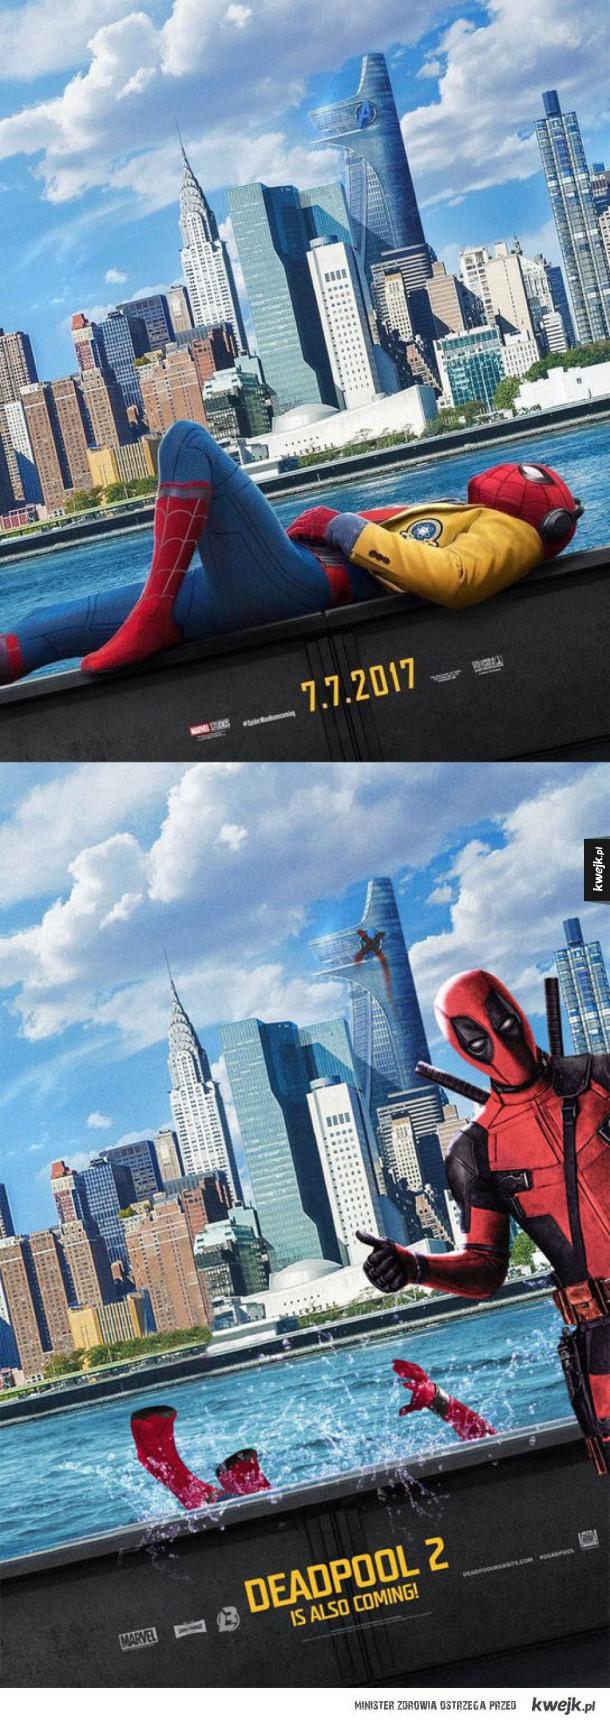 Piękny plakat Deadpoola